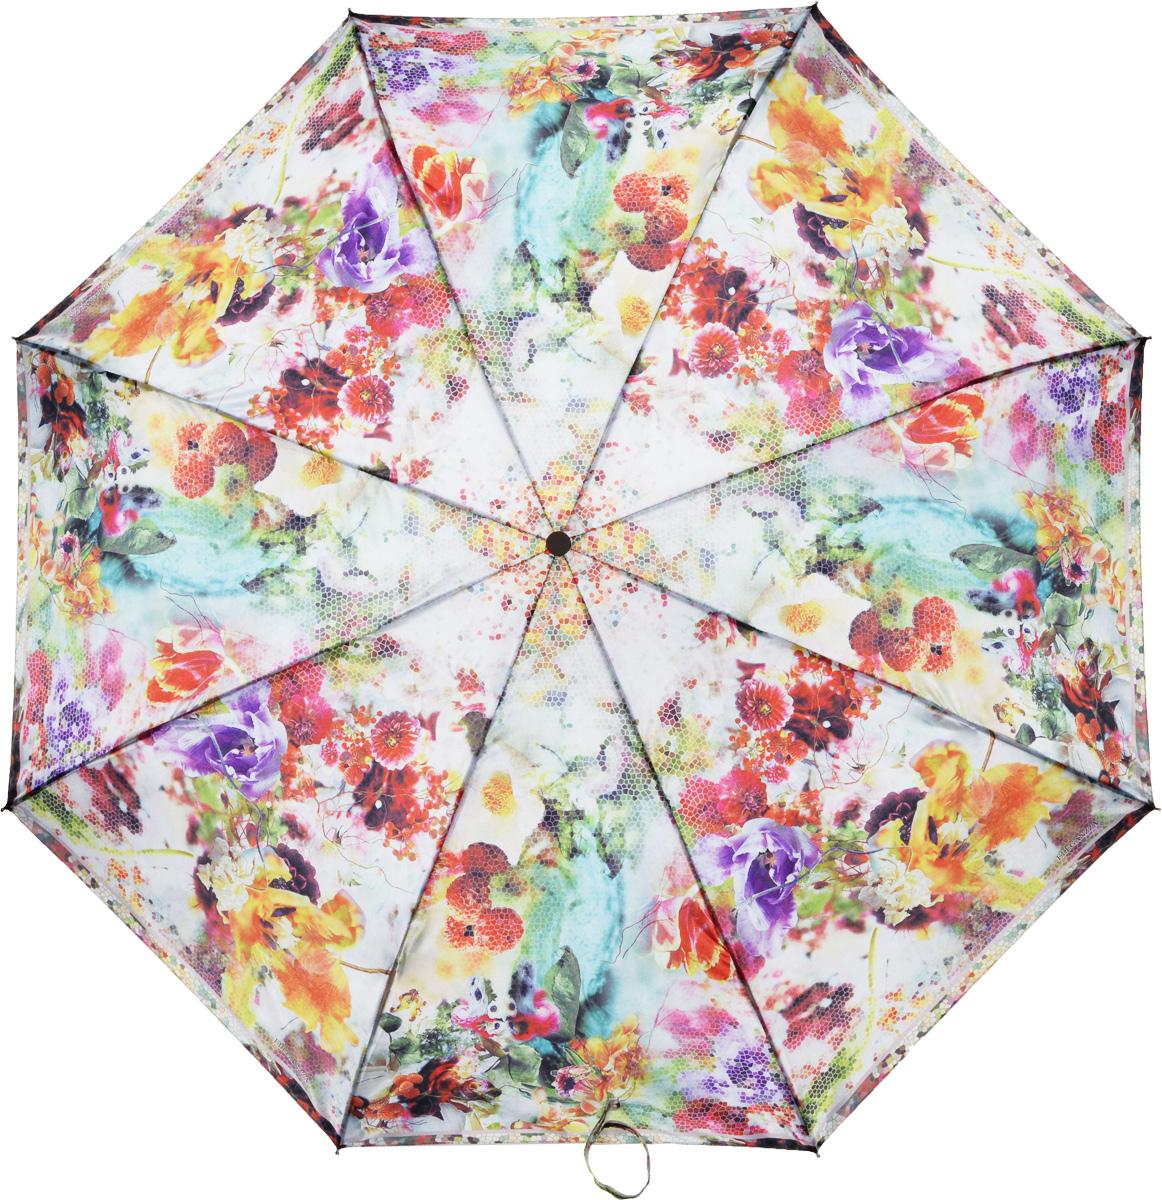 Зонт женский Eleganzza, автомат, 3 сложения, цвет: бежевый. A3-05-0304LSA3-05-0304LSЖенский зонт-автомат торговой марки ELEGANZZA с каркасом Smart, который позволяет без особых усилий складывать зонт, не позволяя стержню вылетать обратно. Купол: 100% полиэстер, сатин. Материал каркаса: сталь + алюминий + фибергласс. Материал ручки: пластик. Длина изделия - 30 см. Диаметр купола - 105 см. Система Smart, не позволяет стержню при сложении вылететь обратно, это облегчает сложение зонта! При сложении есть характерный звук-треск, как трещетка. Примечание: зонт не откроется с кнопки если его не закрыть до щелчка!